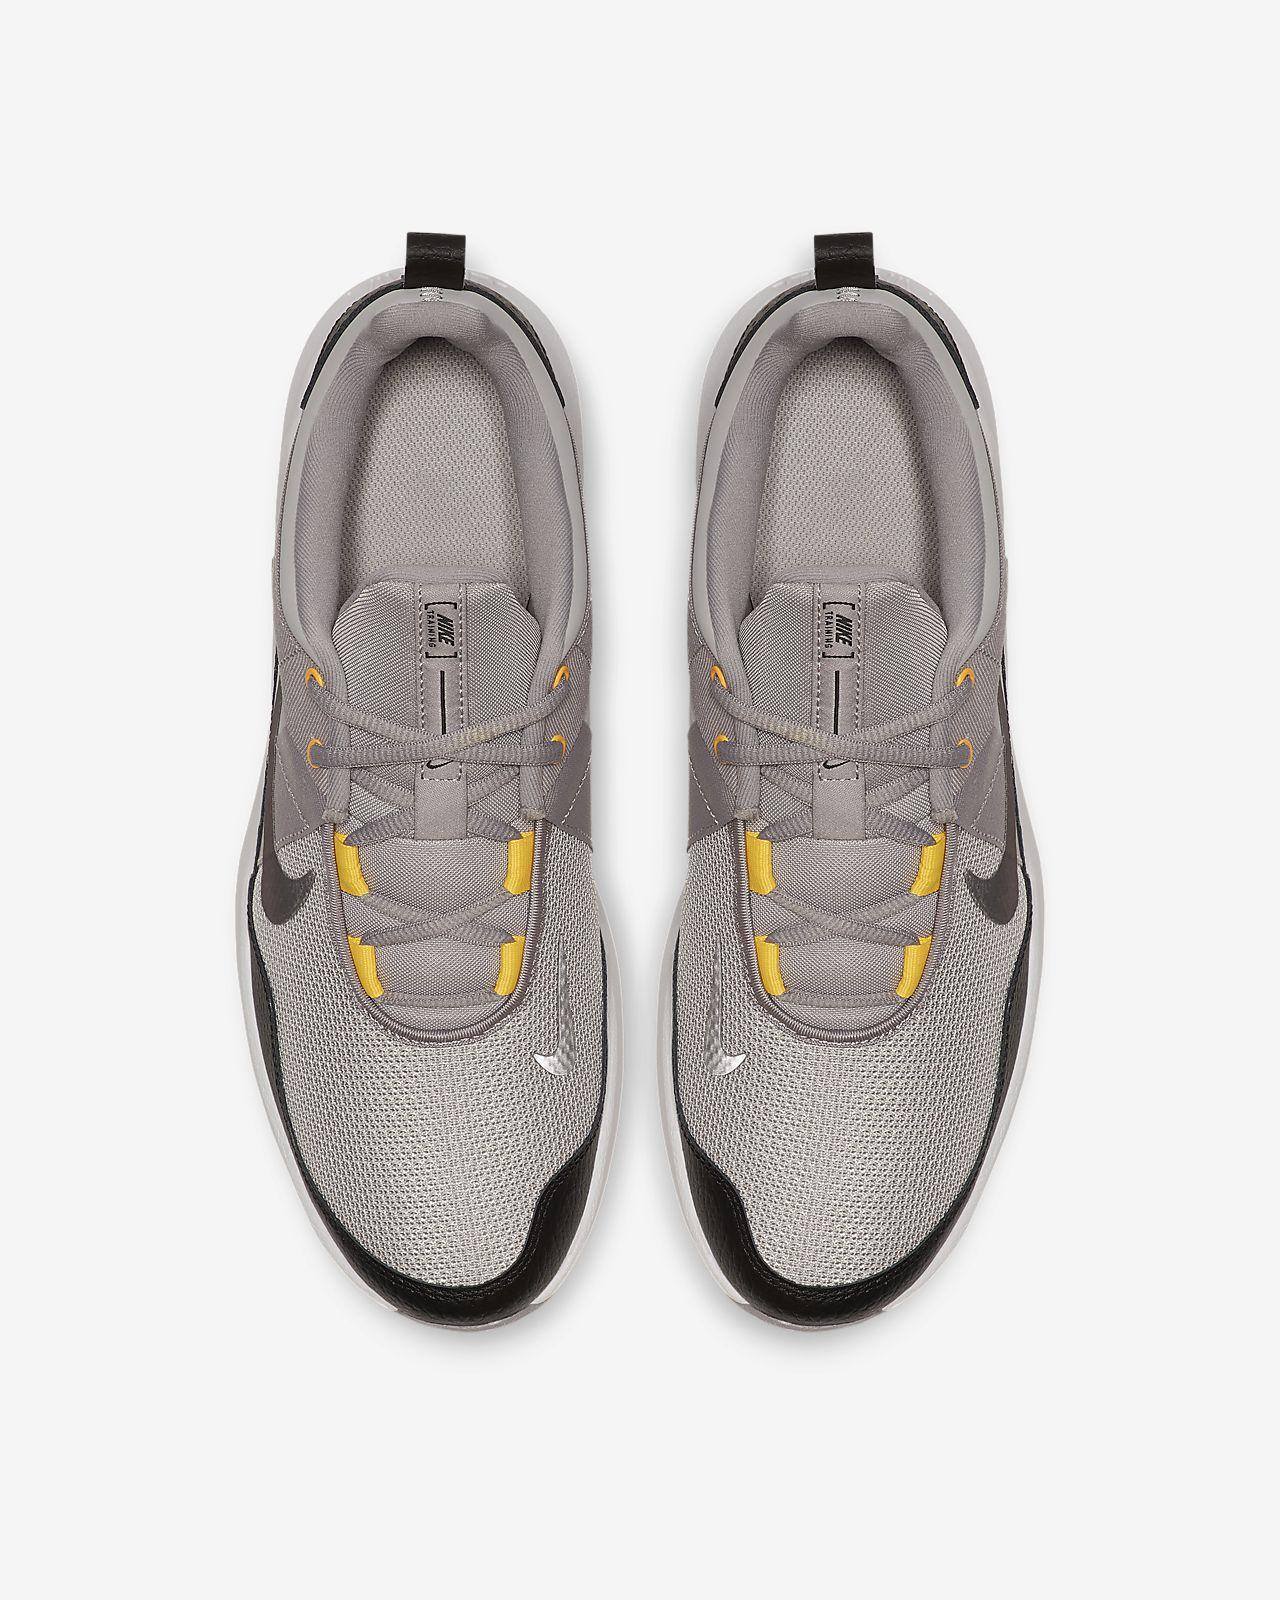 Air Pour De Nike 2 Training Chaussure Homme Max Alpha Trainer A34qcRj5L